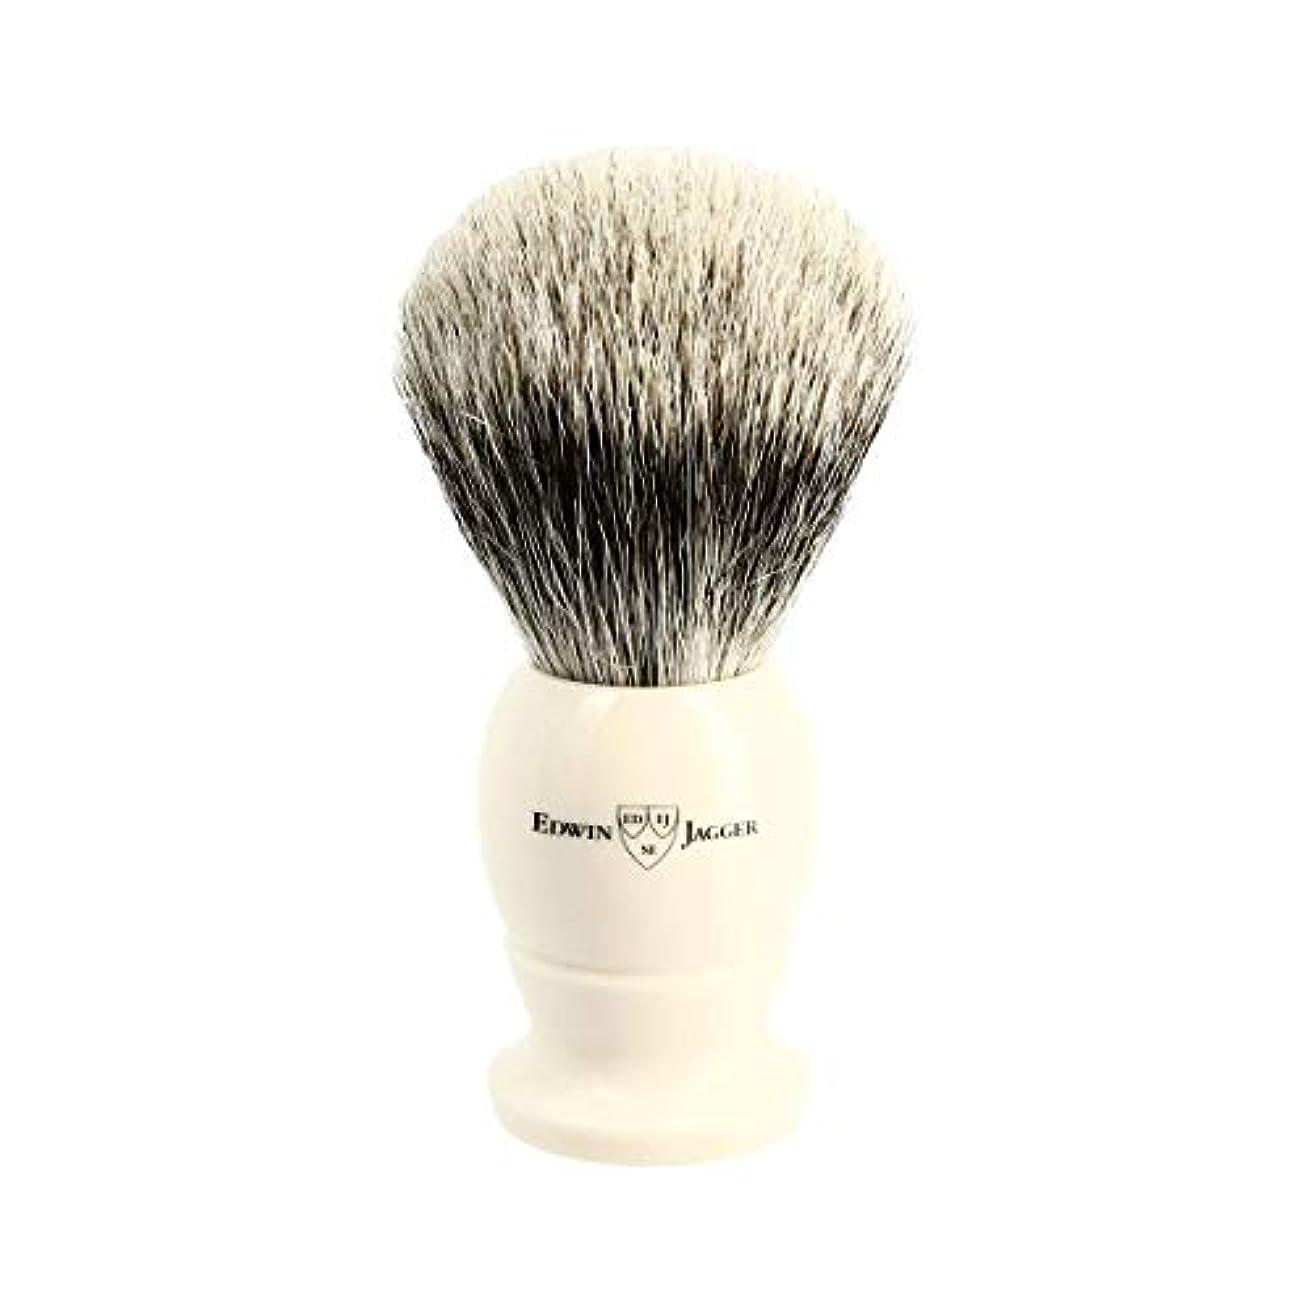 官僚ヘビ再集計エドウィンジャガー アイボリー ベストバッジャーアナグマ毛 シェービングブラシ大3EJ877[海外直送品]Edwin Jagger Ivory Best Badger Shaving Brush Large 3EJ877...